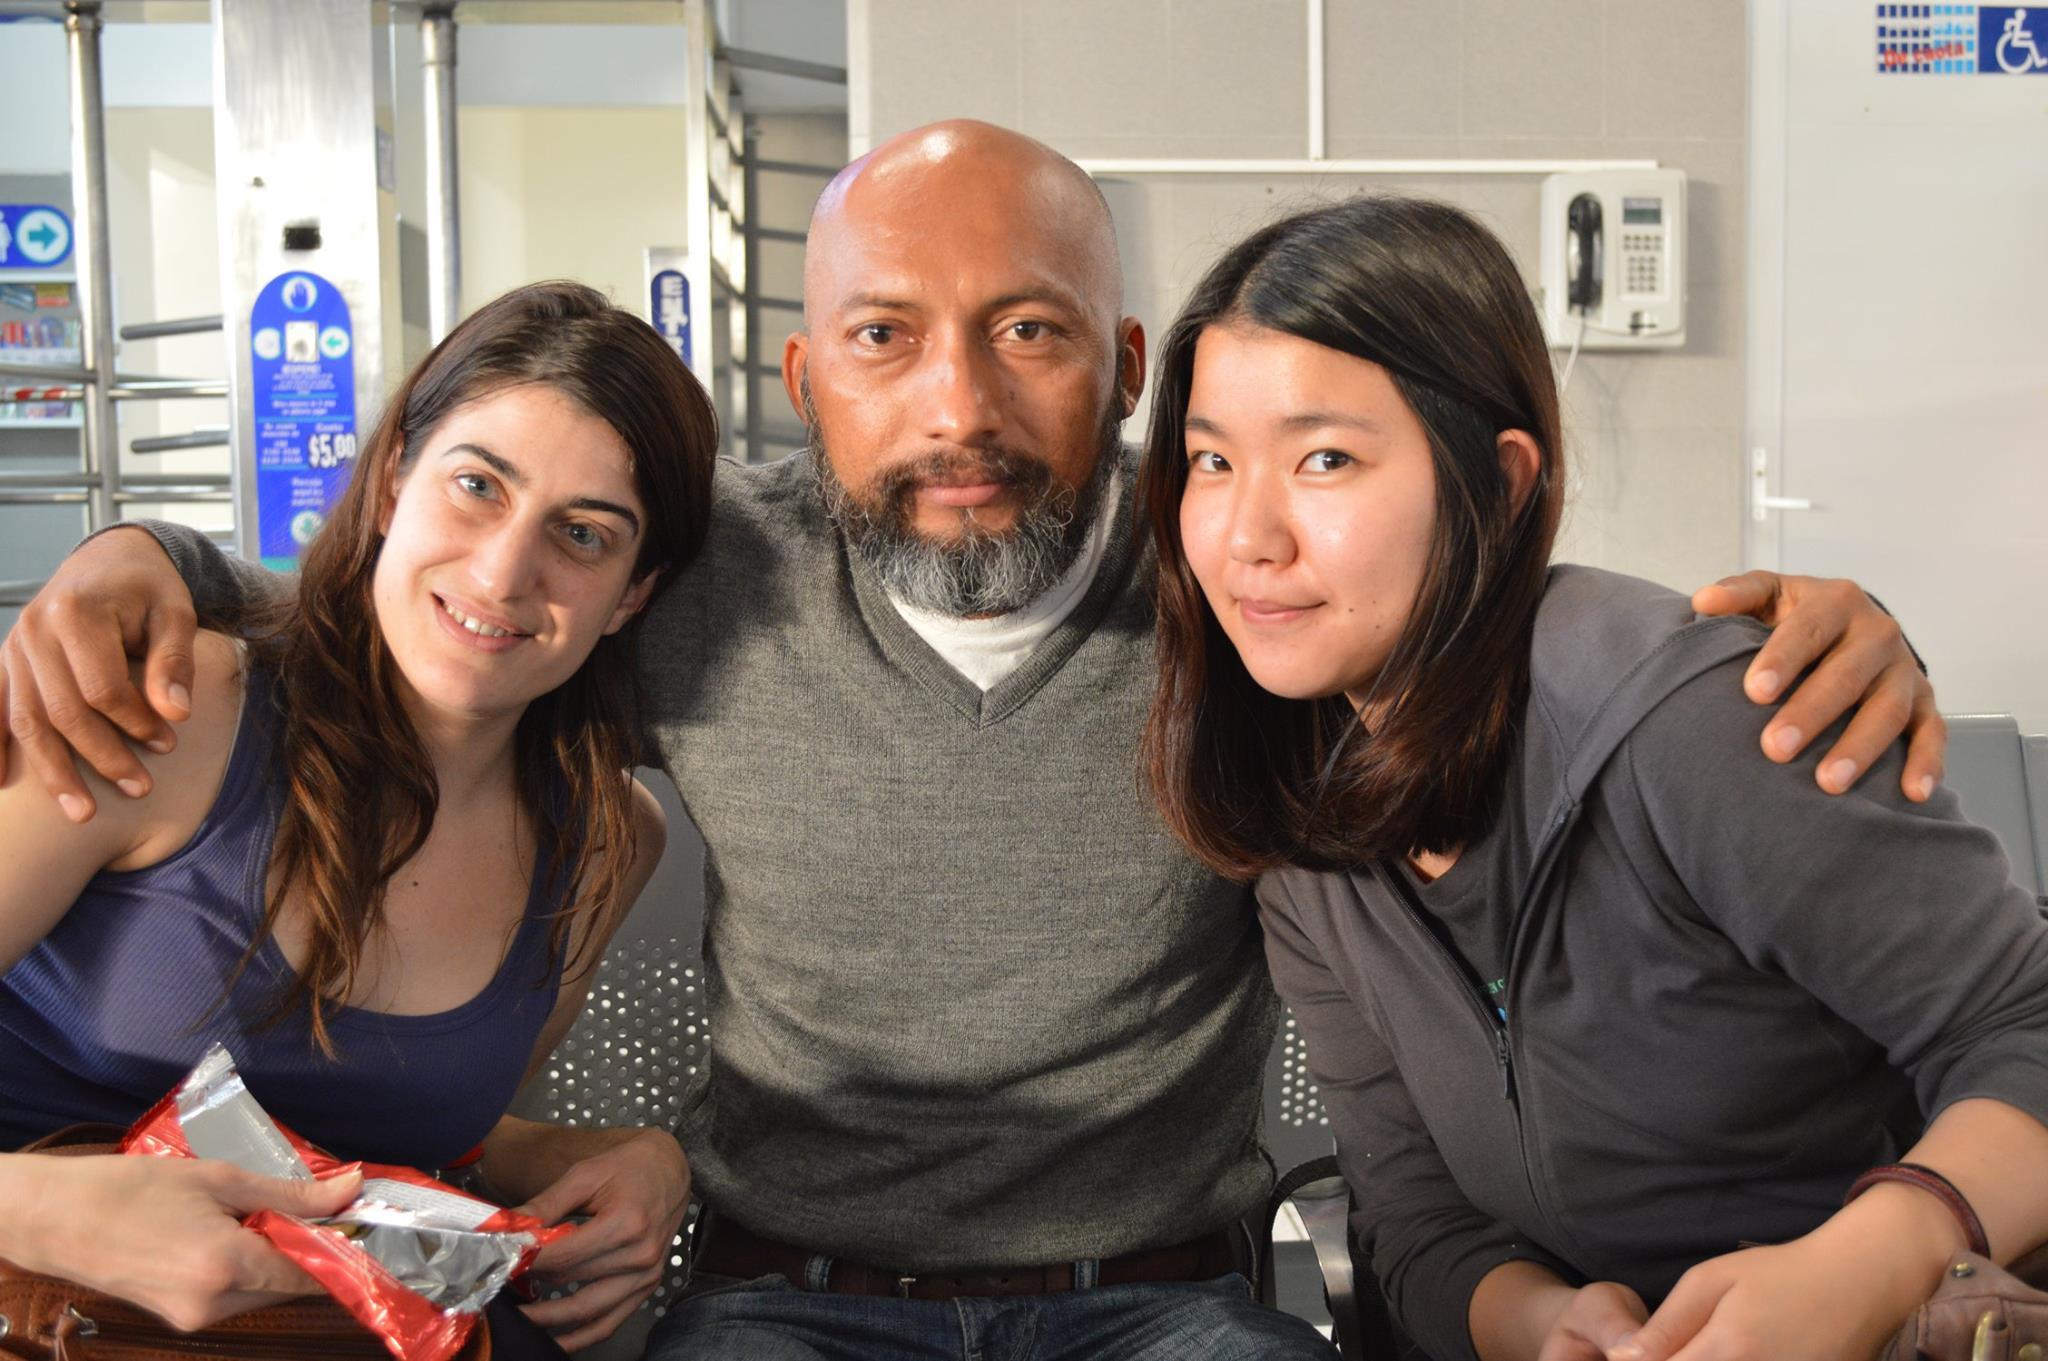 En la foto Saa Carvalina, Darío Villasís y Mari, una chica japonesa de 19 años que pasó el mismo tiempo que Sandra./ Facebook.